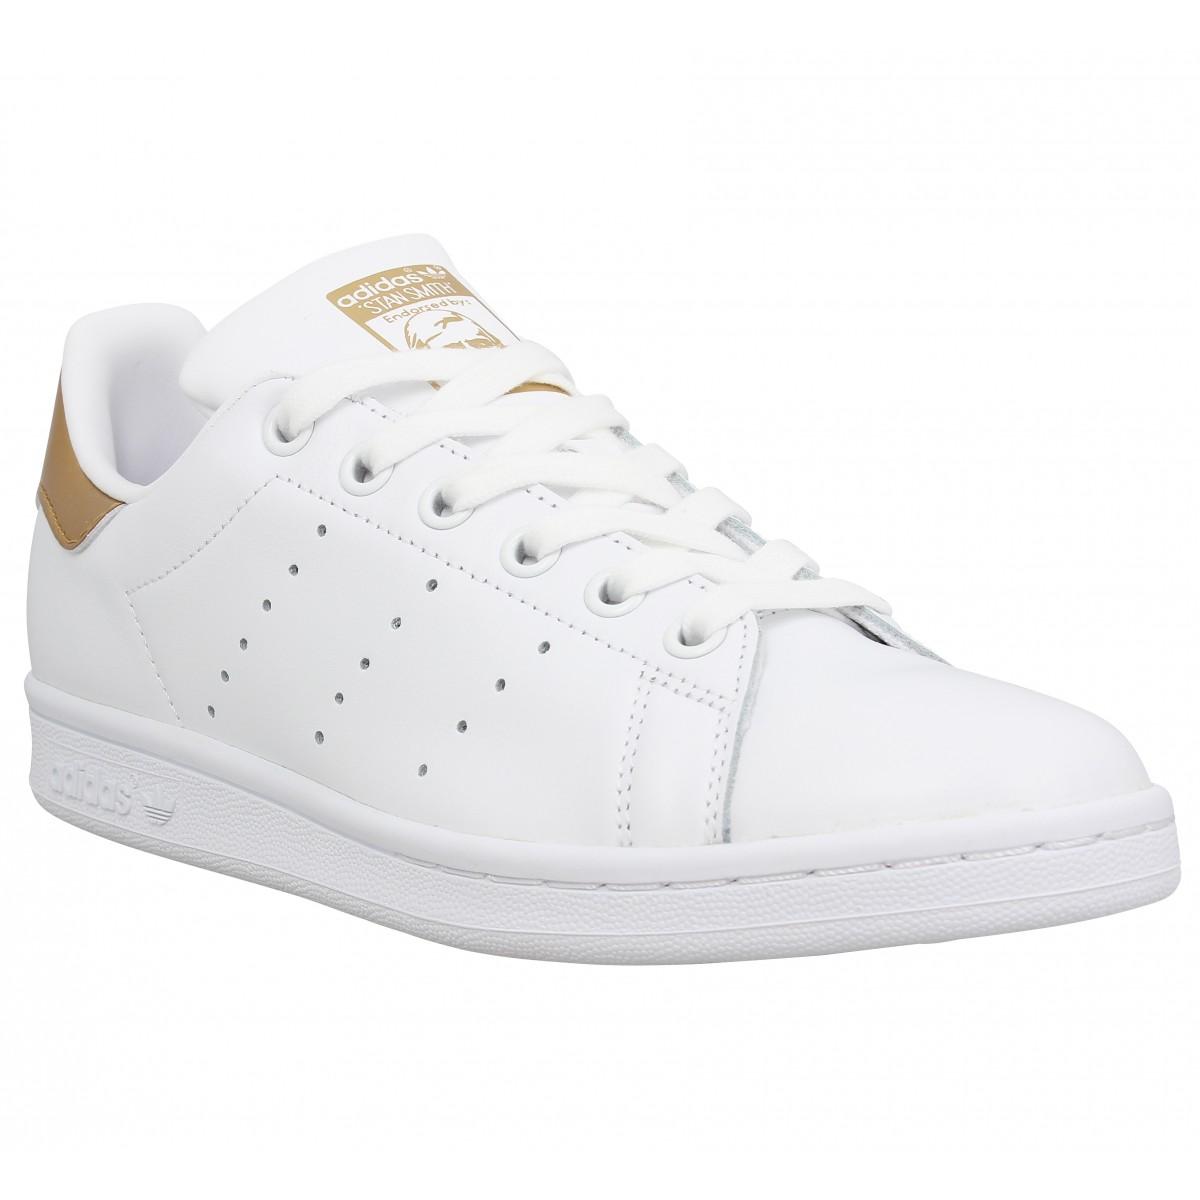 adidas stan smith femme blanc or